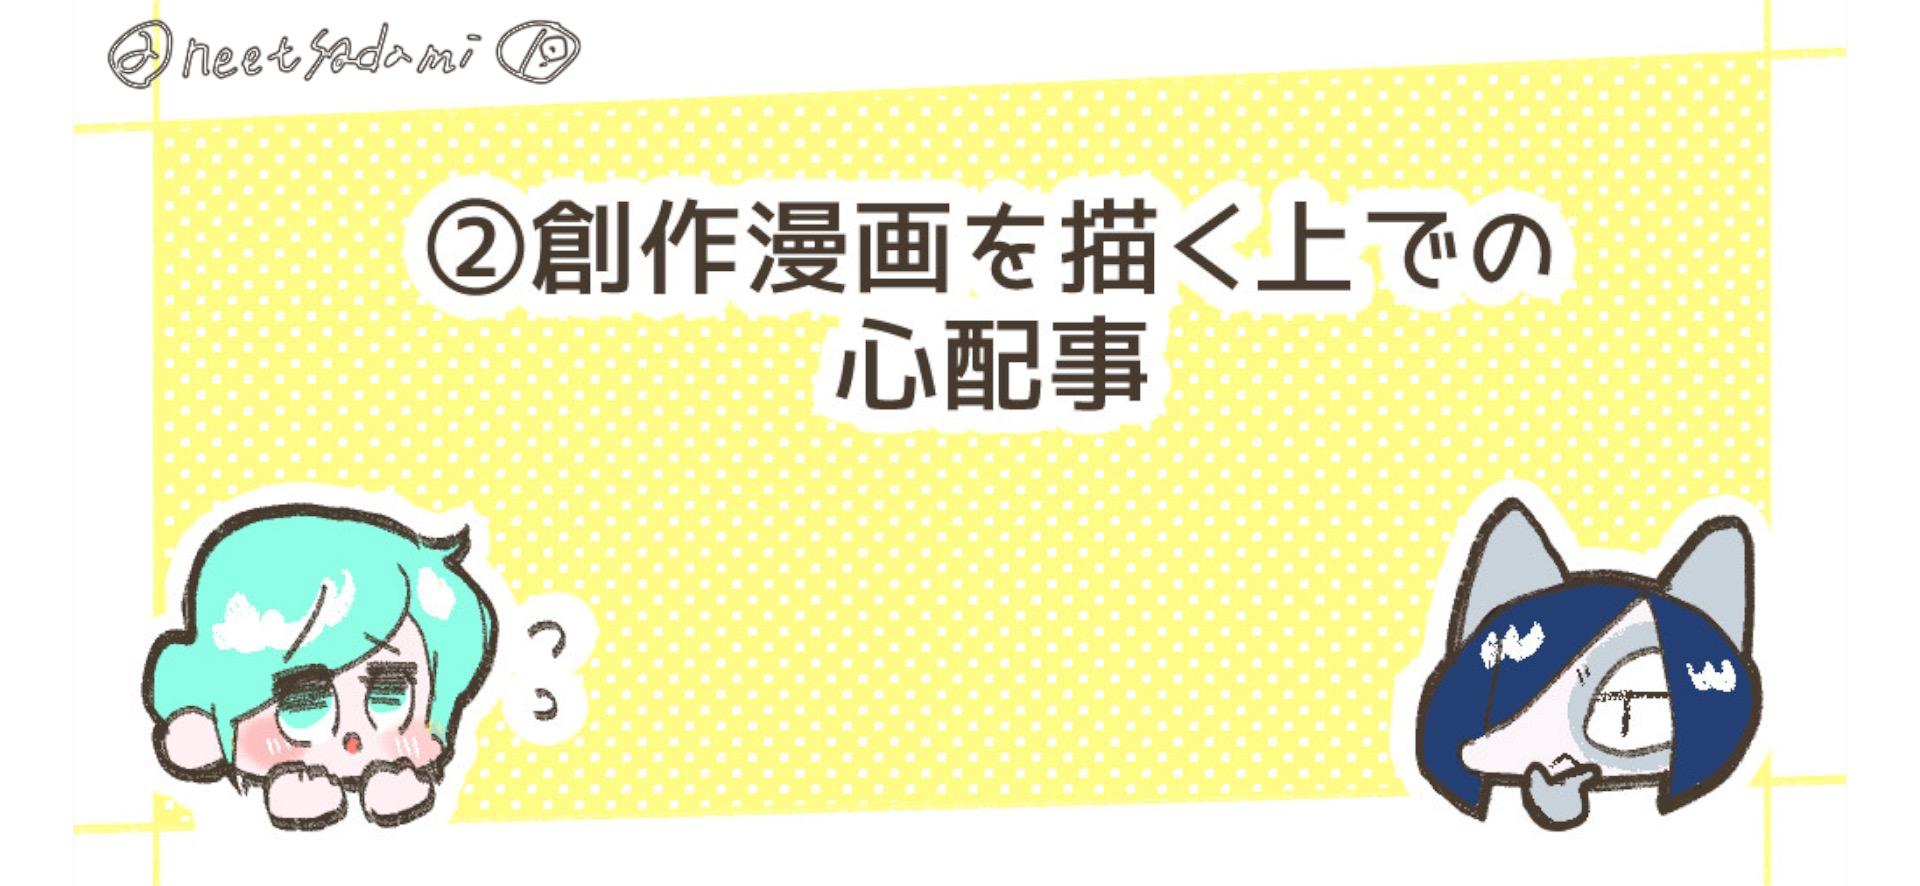 neetsadami.com_7話03